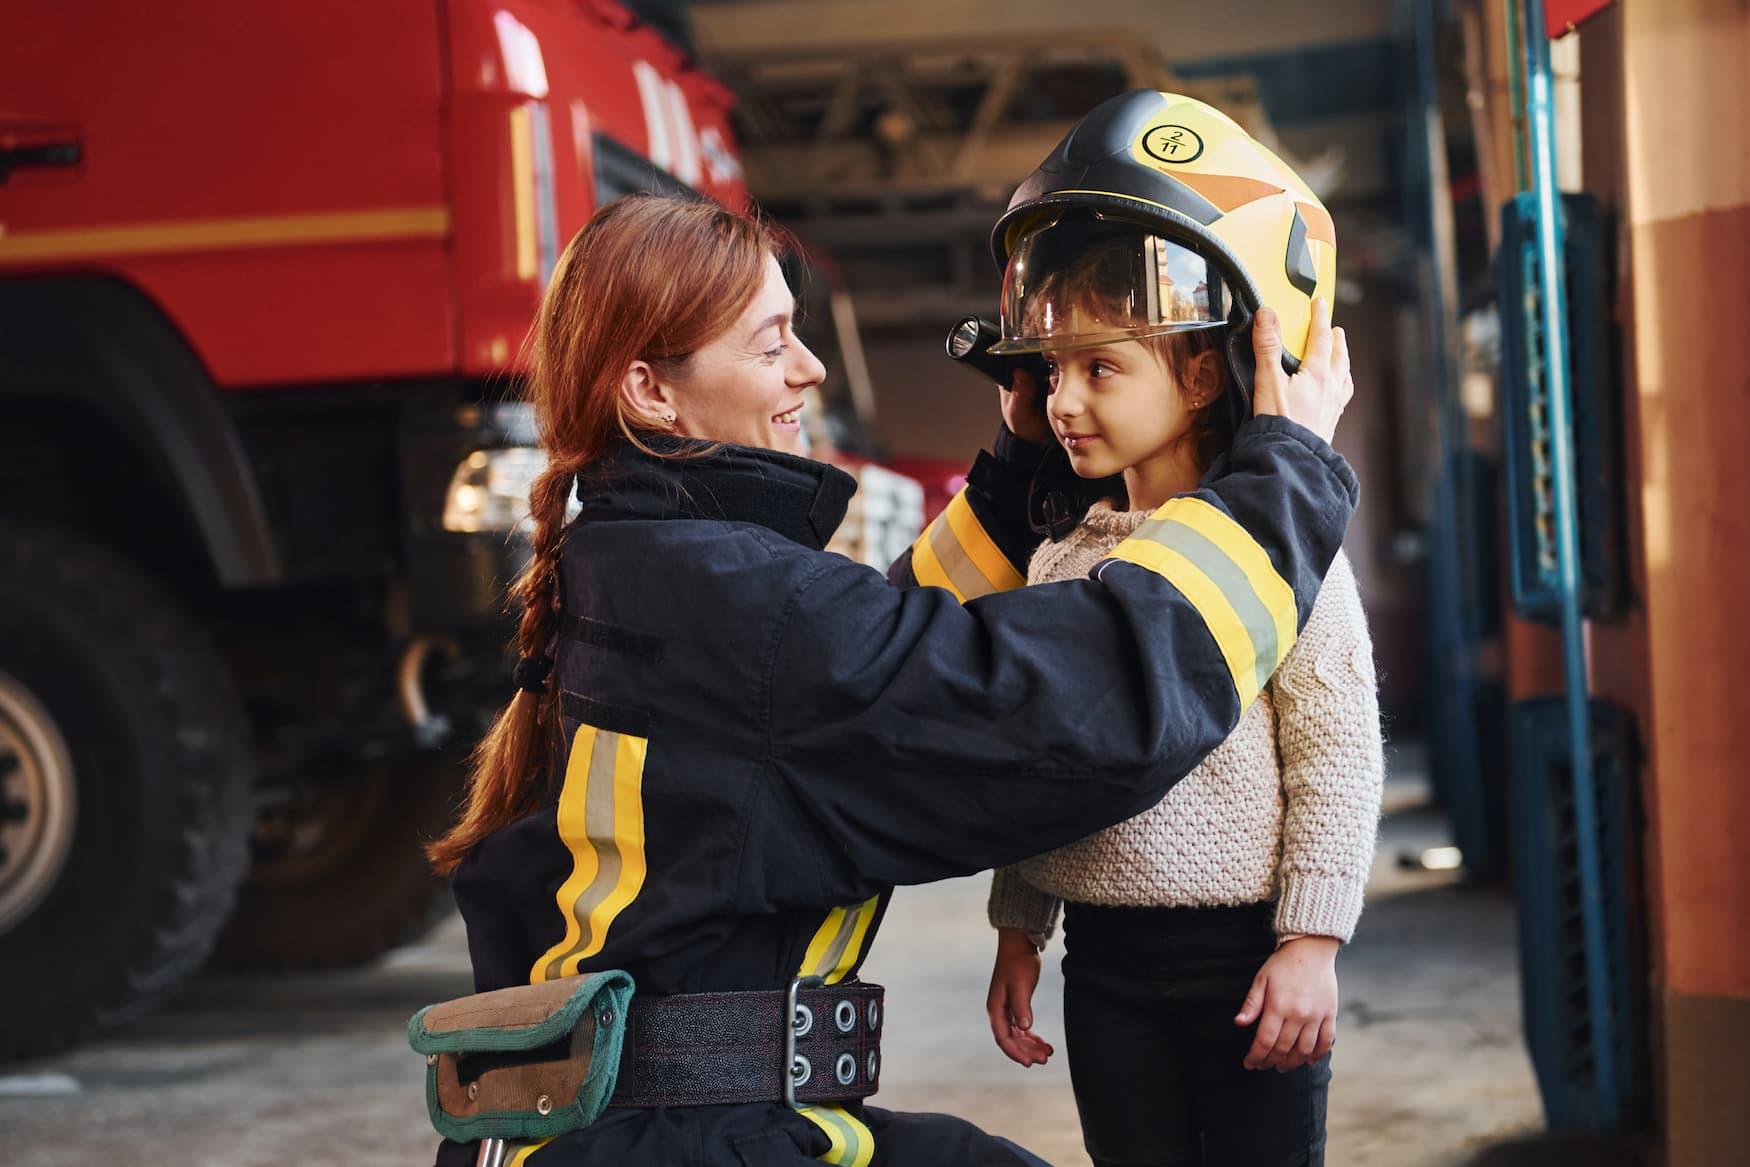 Kleines glückliches Mädchen kriegt Helm von Feuerwehrfrau aufgesetzt